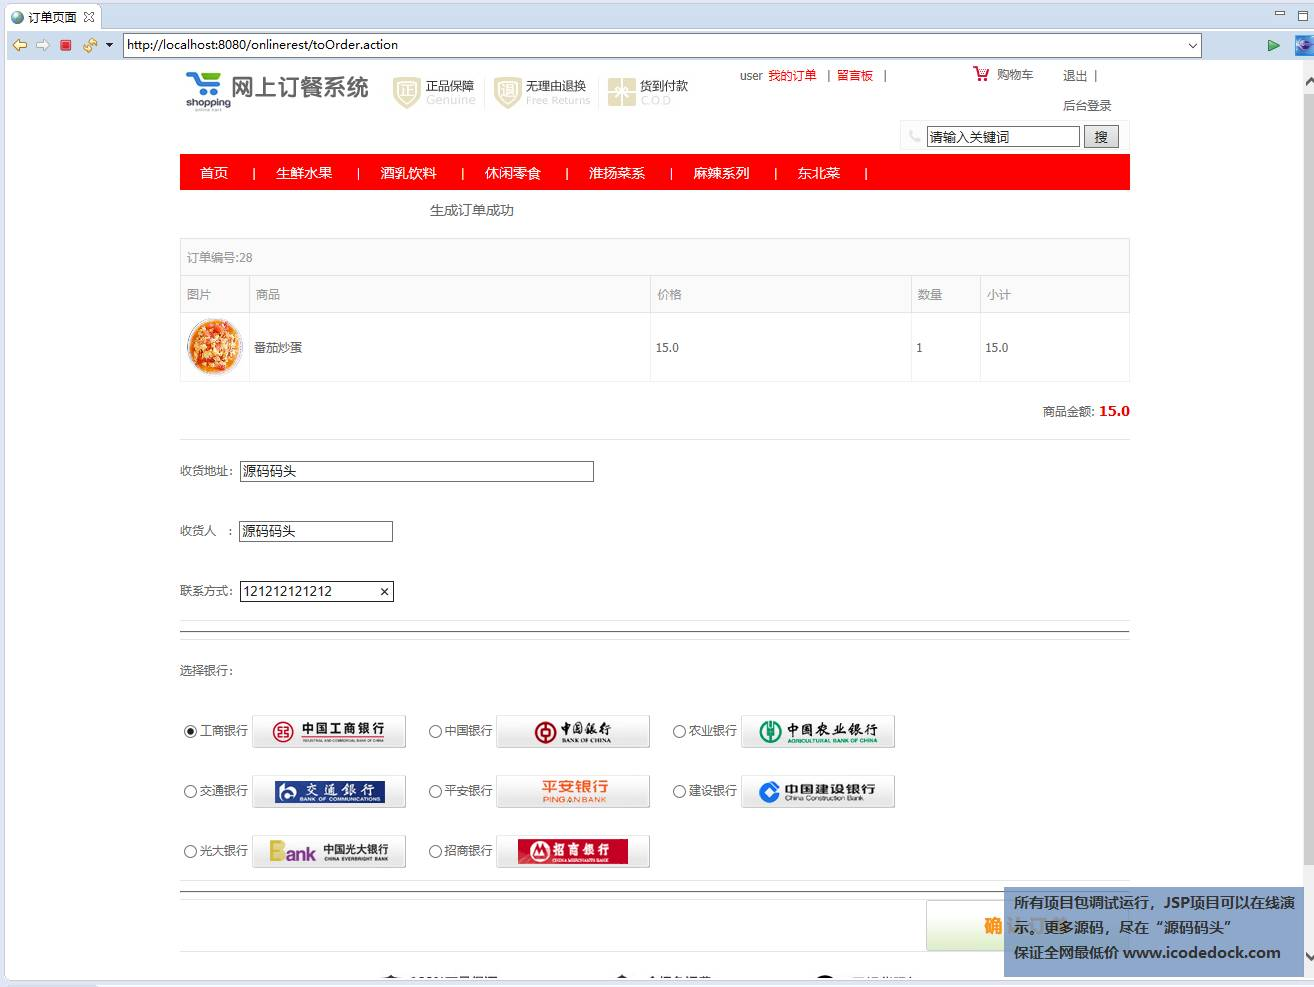 源码码头-SSM网上外卖订餐管理系统-用户-提交订单